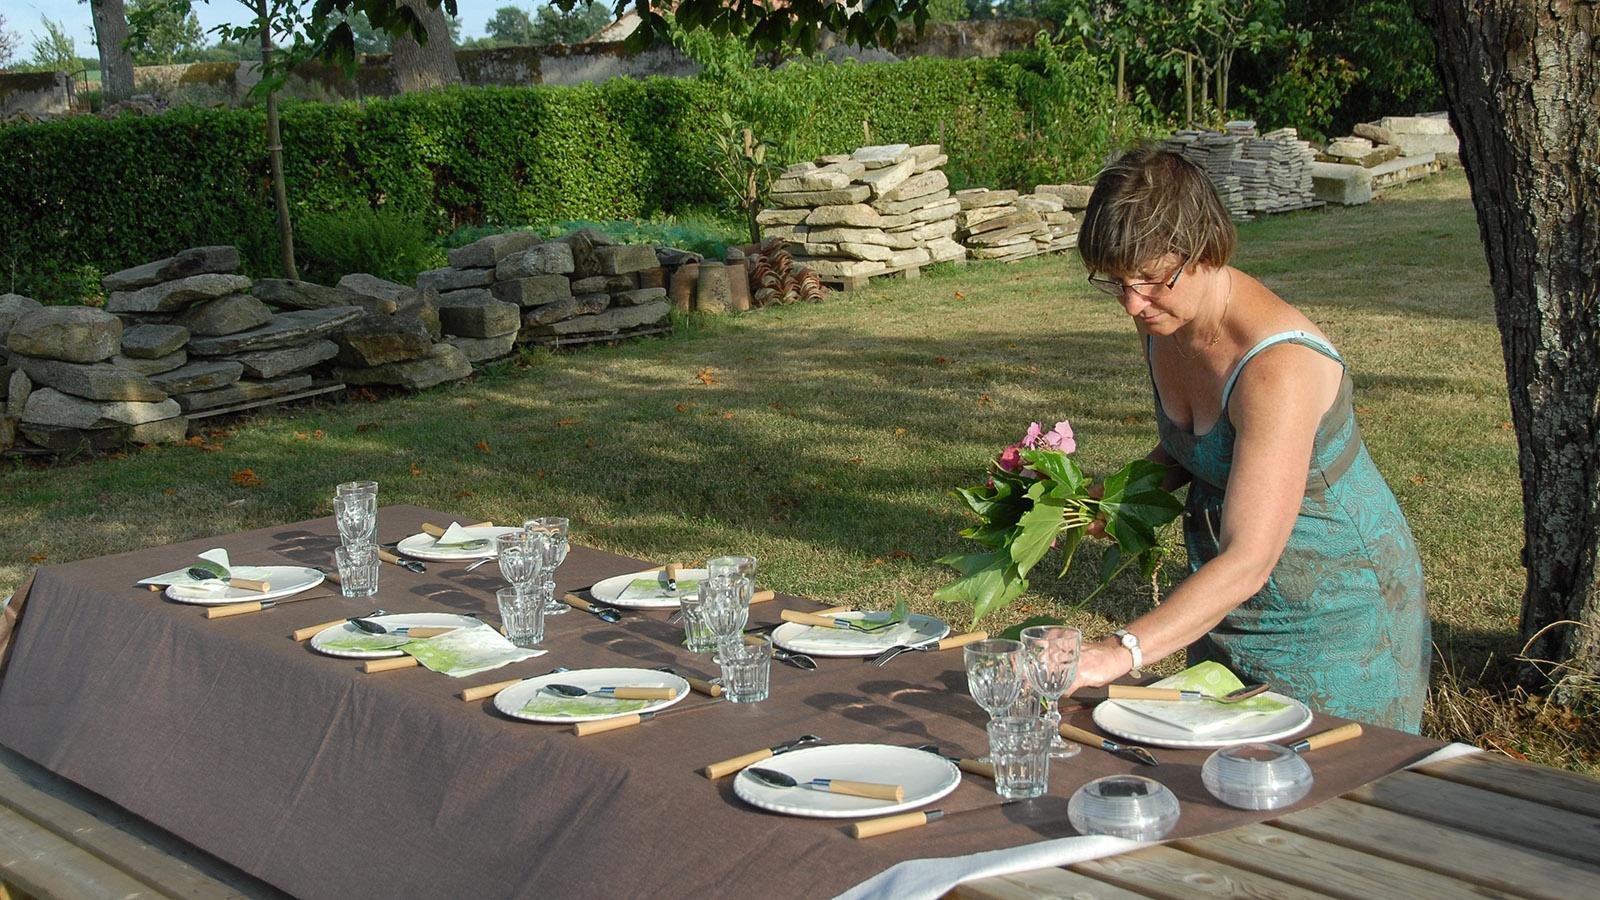 Domaine de l'Écorce: Claire Douay de Faultrier deckt den abendlichen table d'hôte ein. Foto: Hilke Maunder